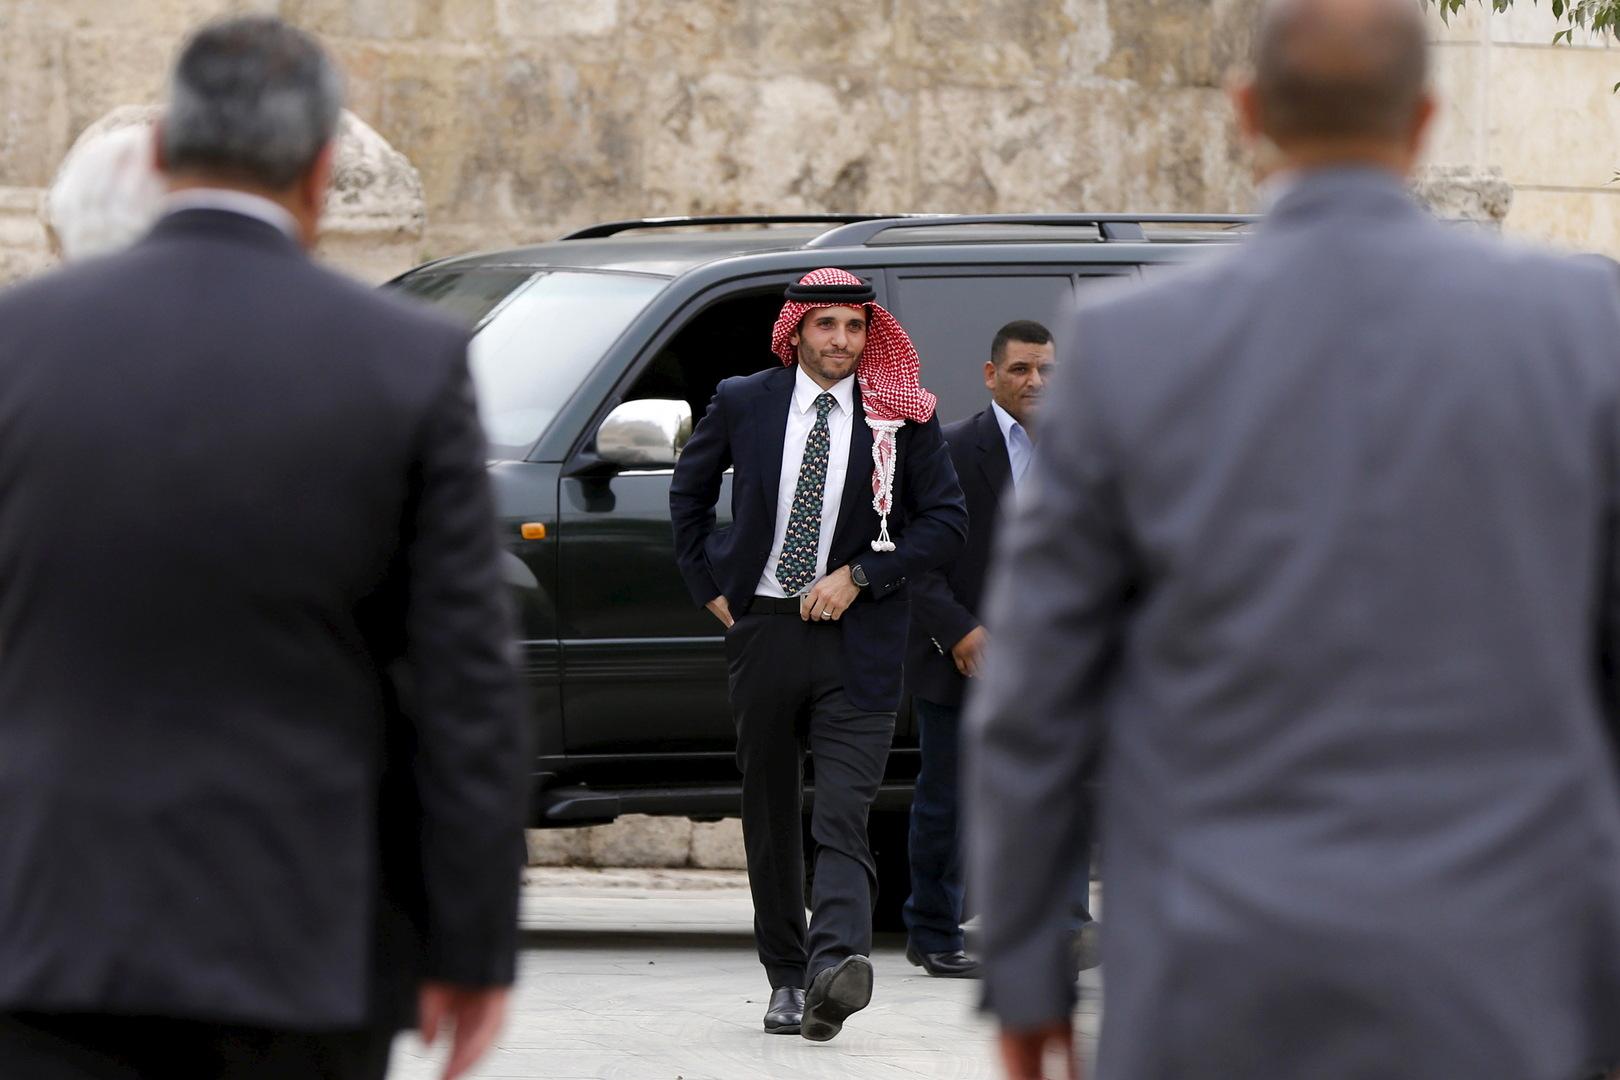 الأردن.. لائحة اتهامات تكشف علاقة الأمير حمزة بمتهمي ملف